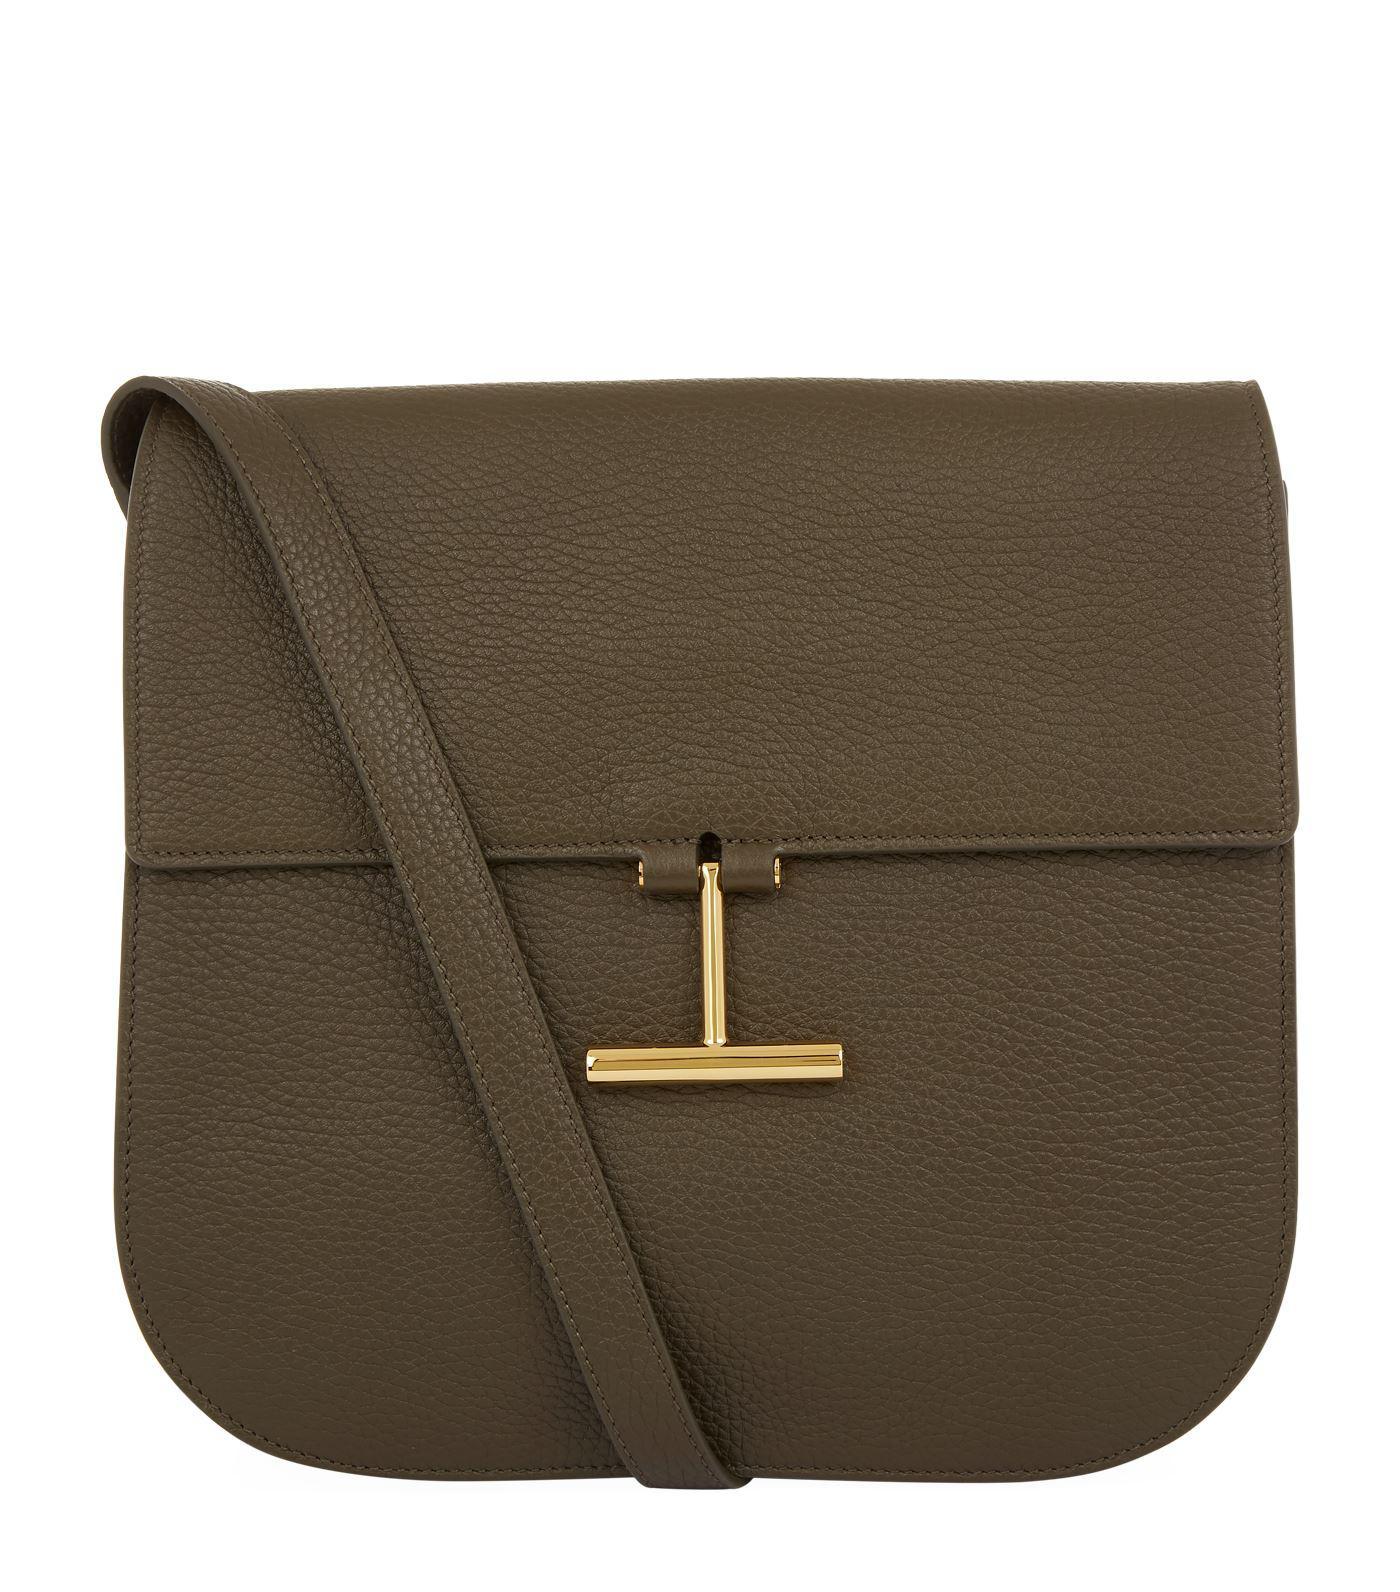 Tara Textured-leather Shoulder Bag - one size Tom Ford OG7jmF0zW